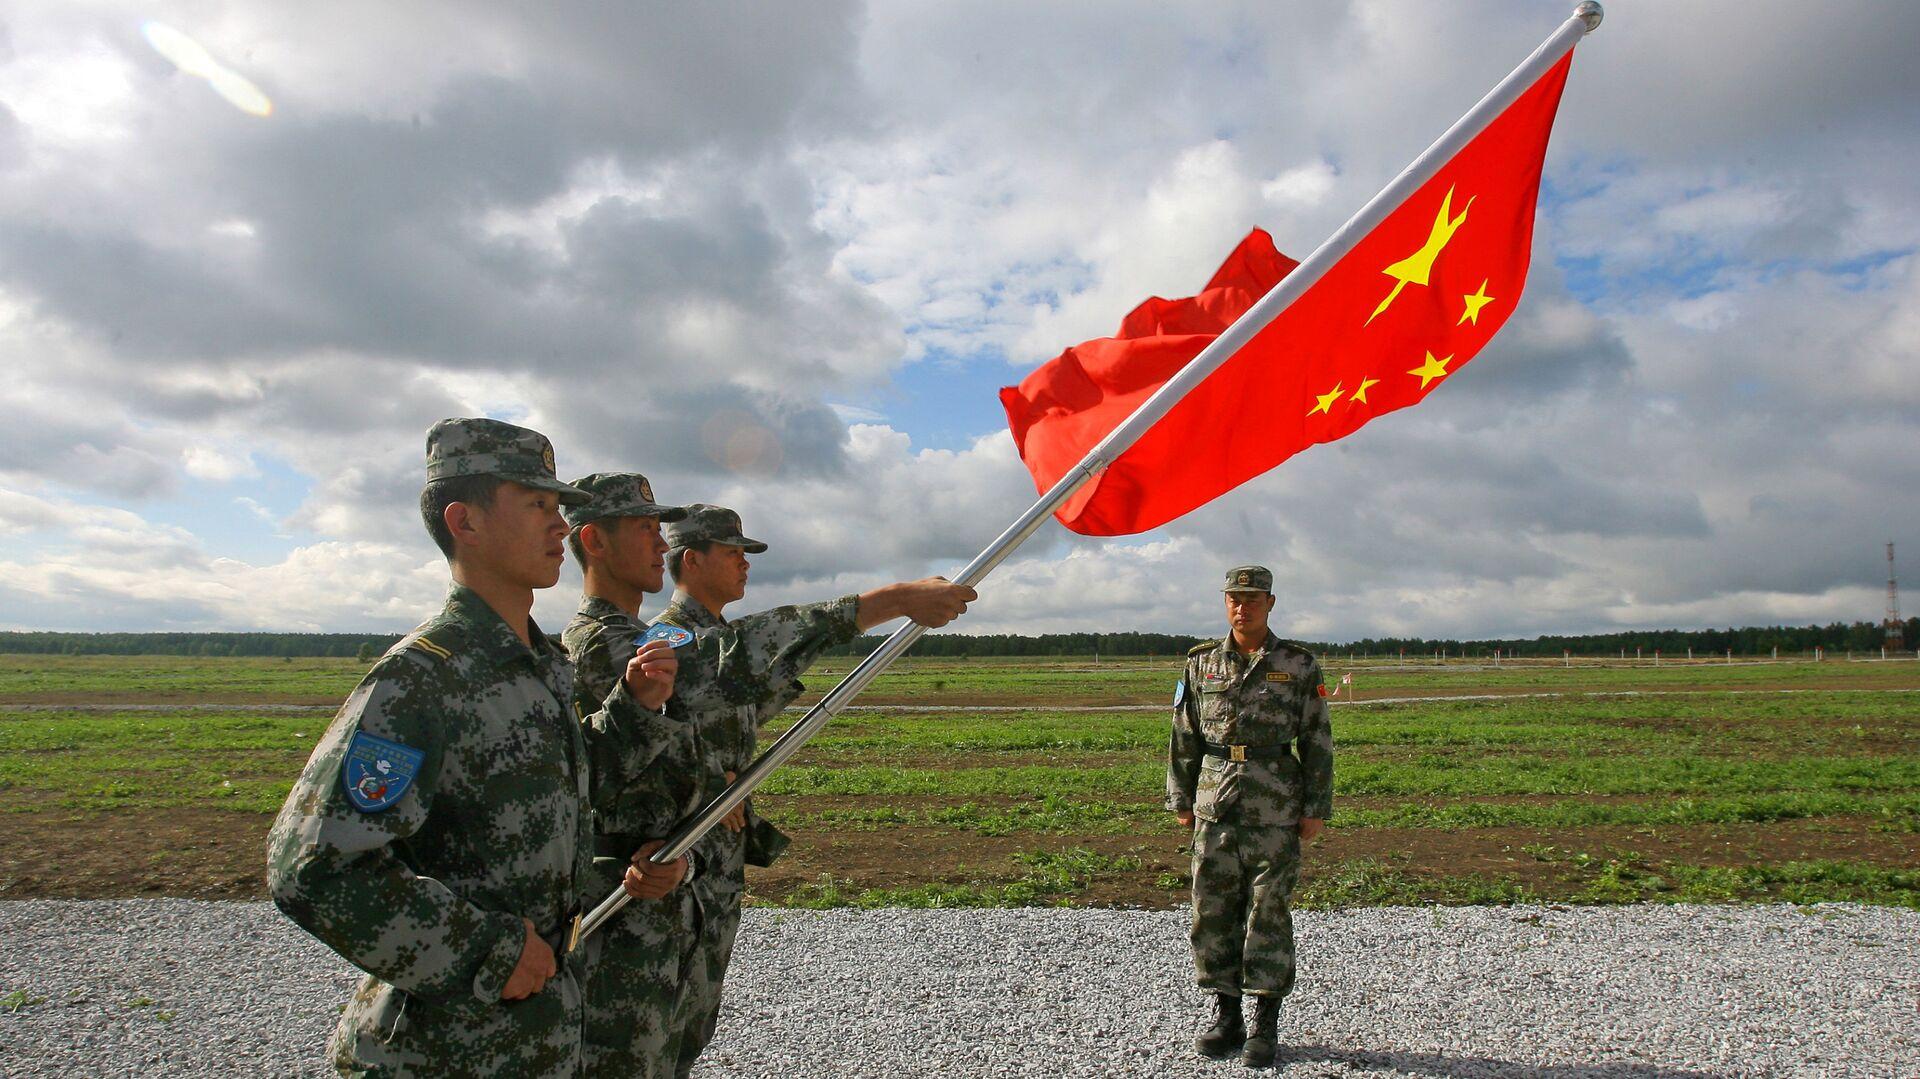 Militares del Ejército Popular de Liberación con la bandera de China  - Sputnik Mundo, 1920, 21.08.2021